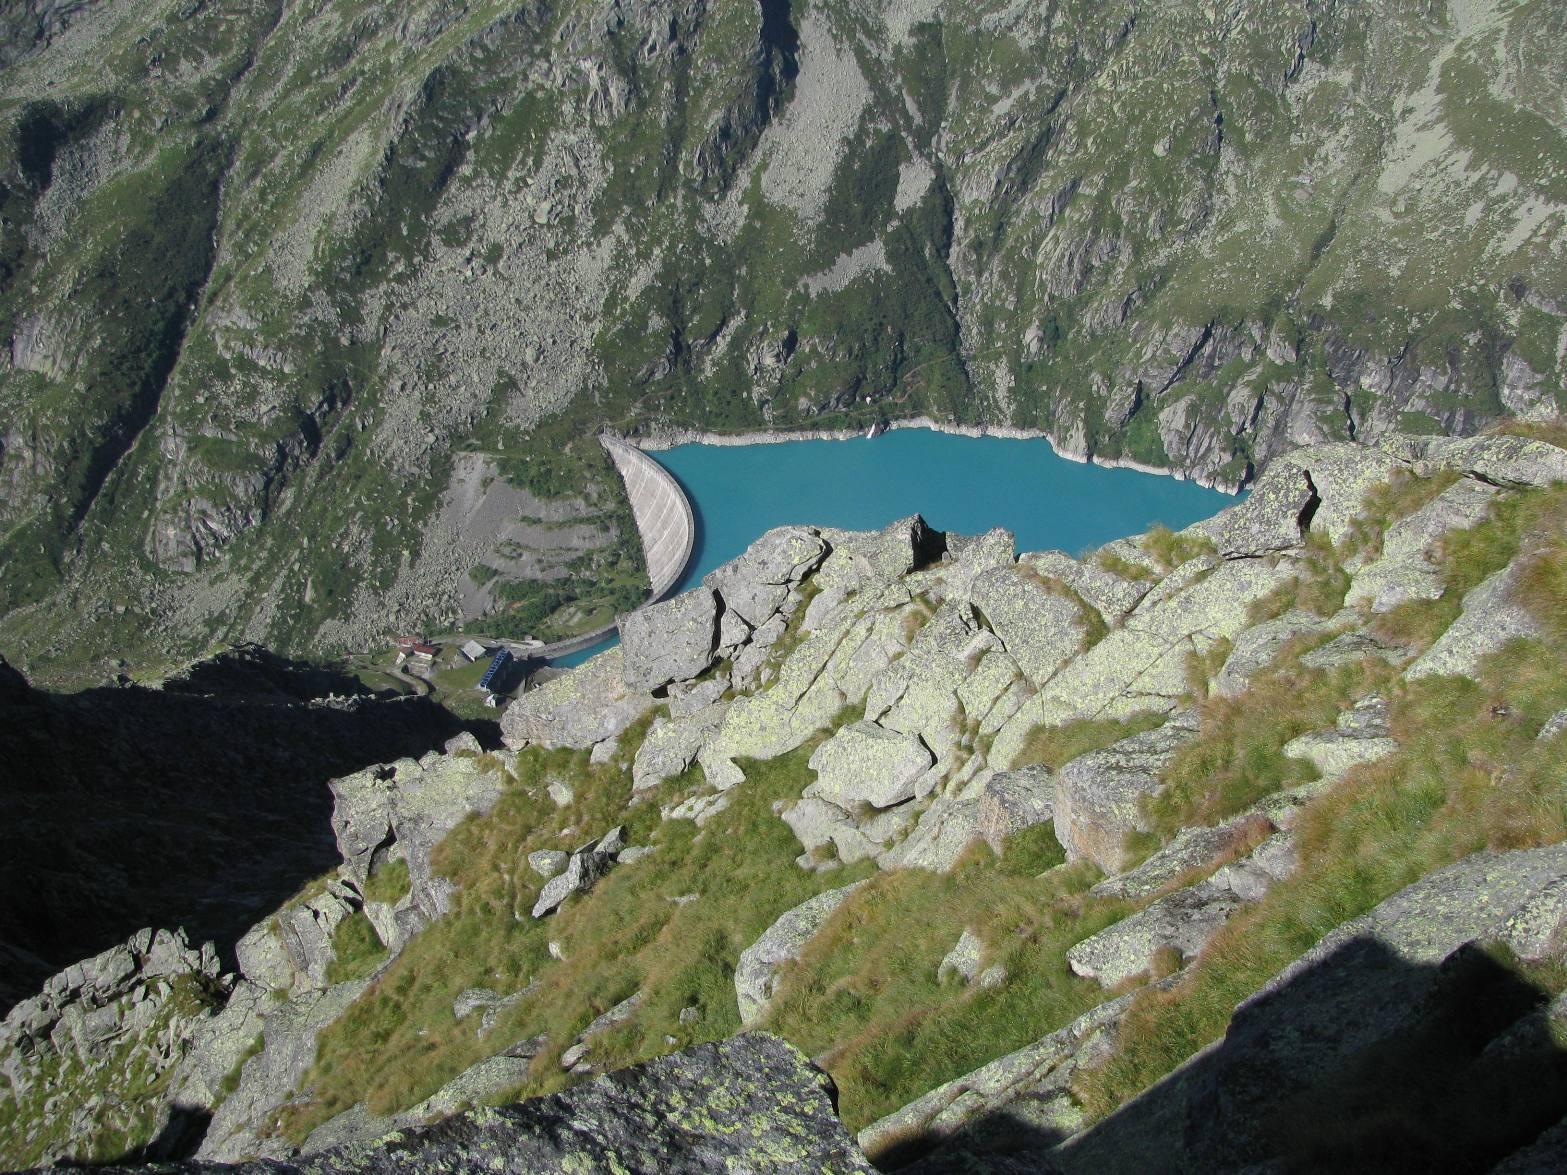 Dalla vetta, vista parziale del Lago di Telessio